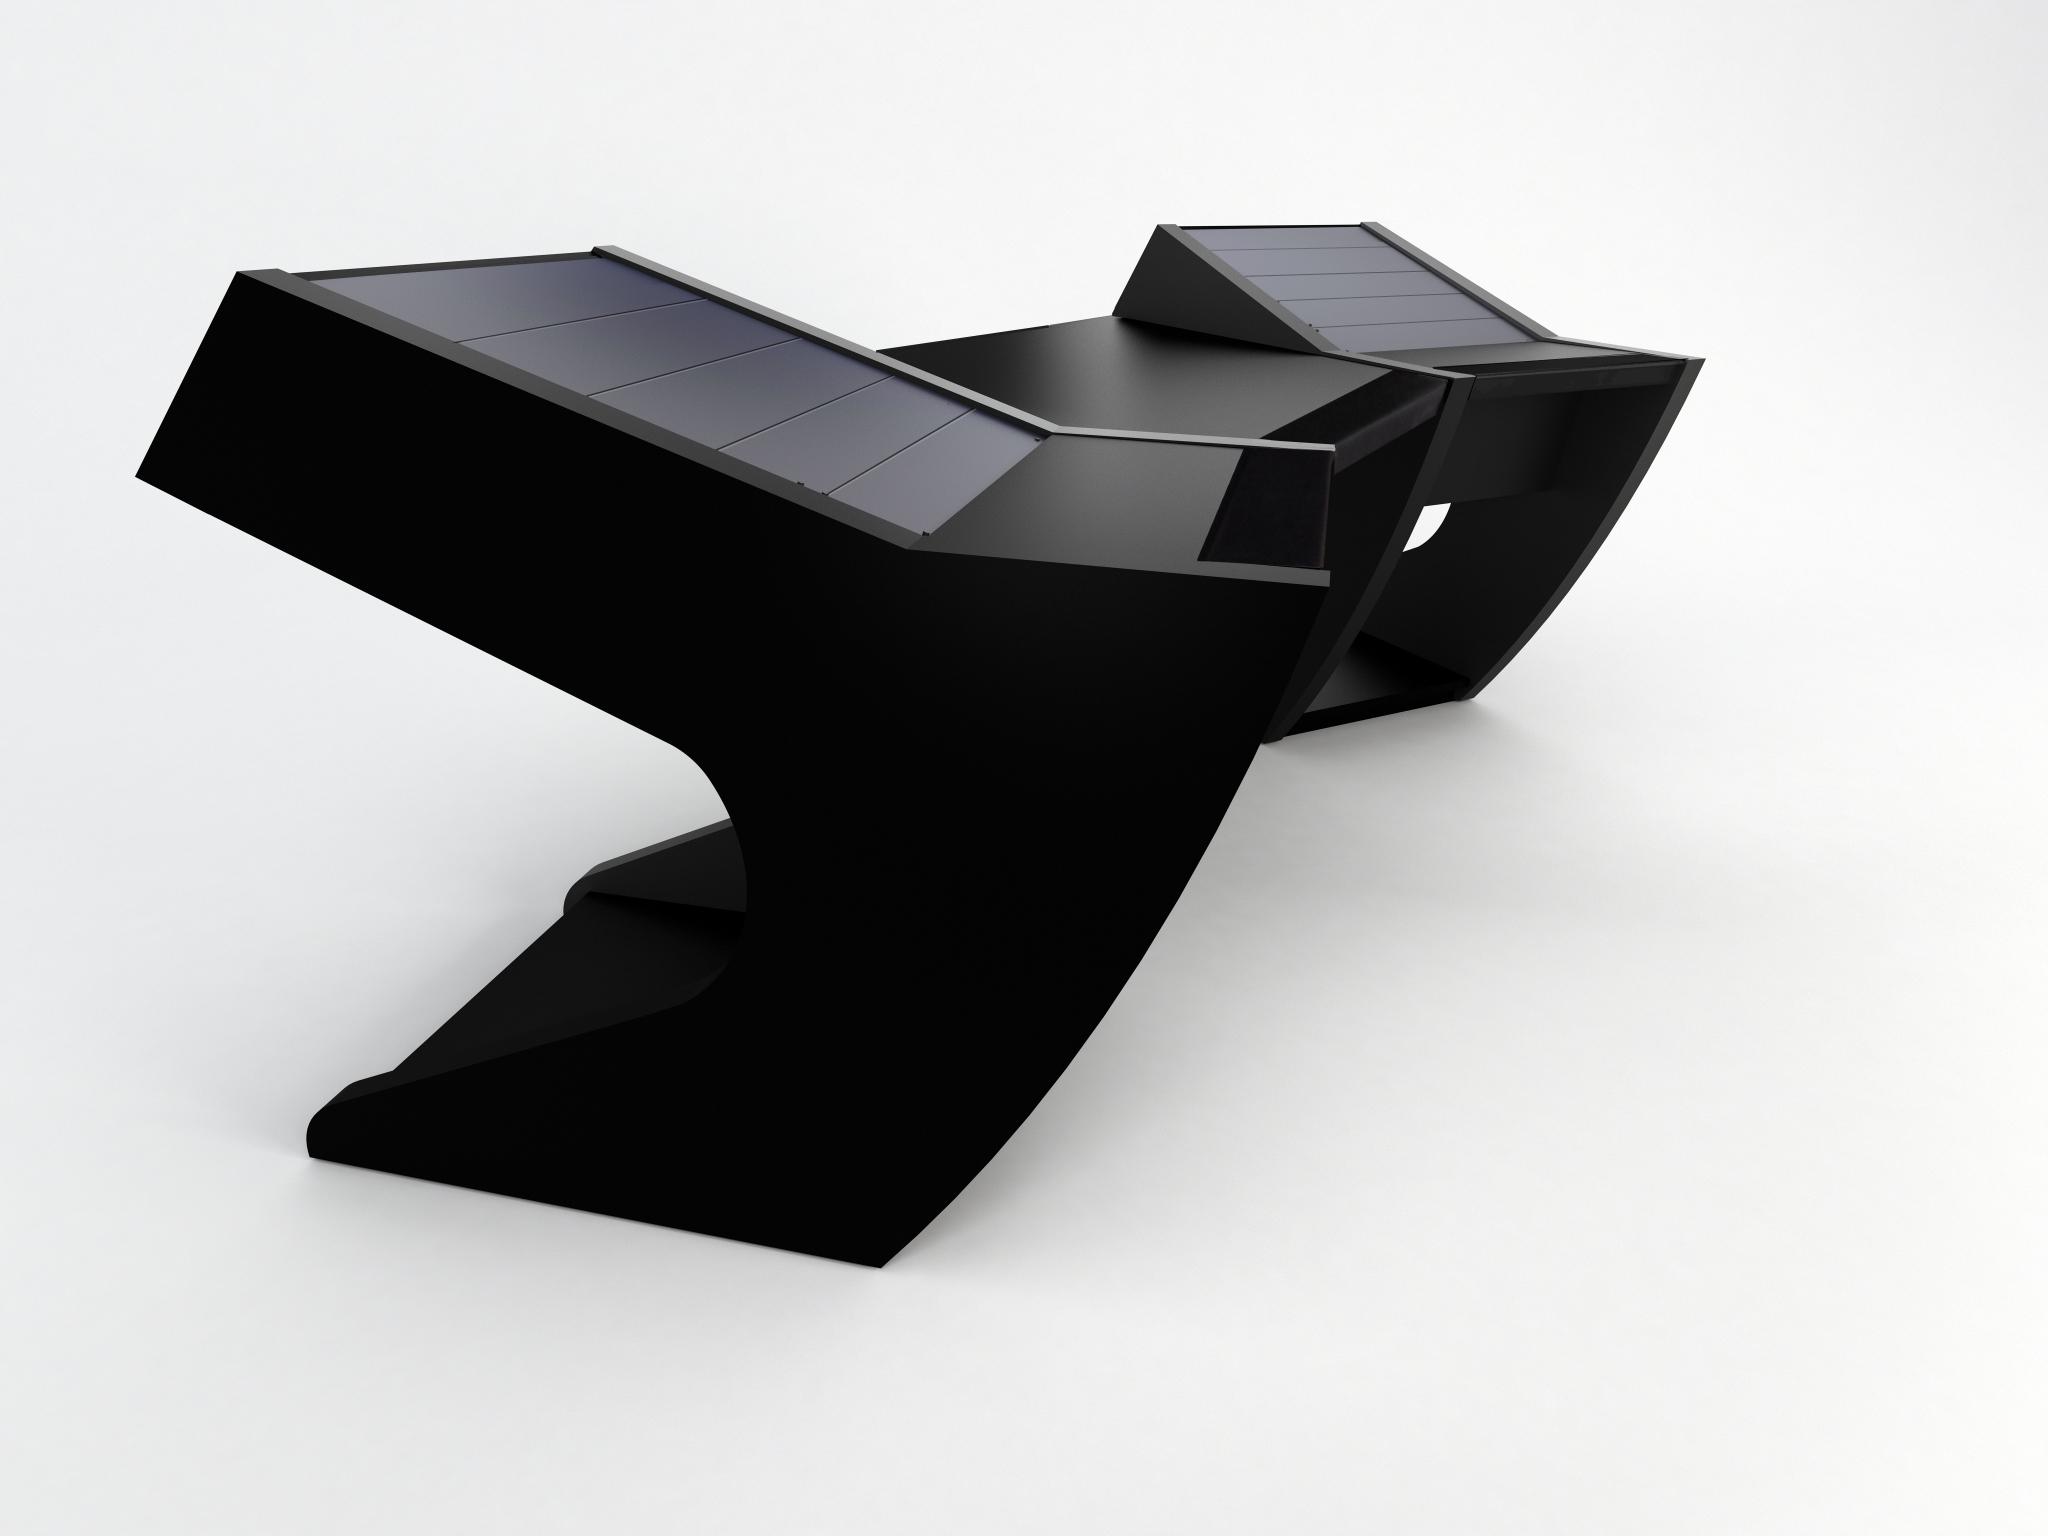 meuble pour studio d 39 enregistrement et de mastering modson silverstone station de travail. Black Bedroom Furniture Sets. Home Design Ideas